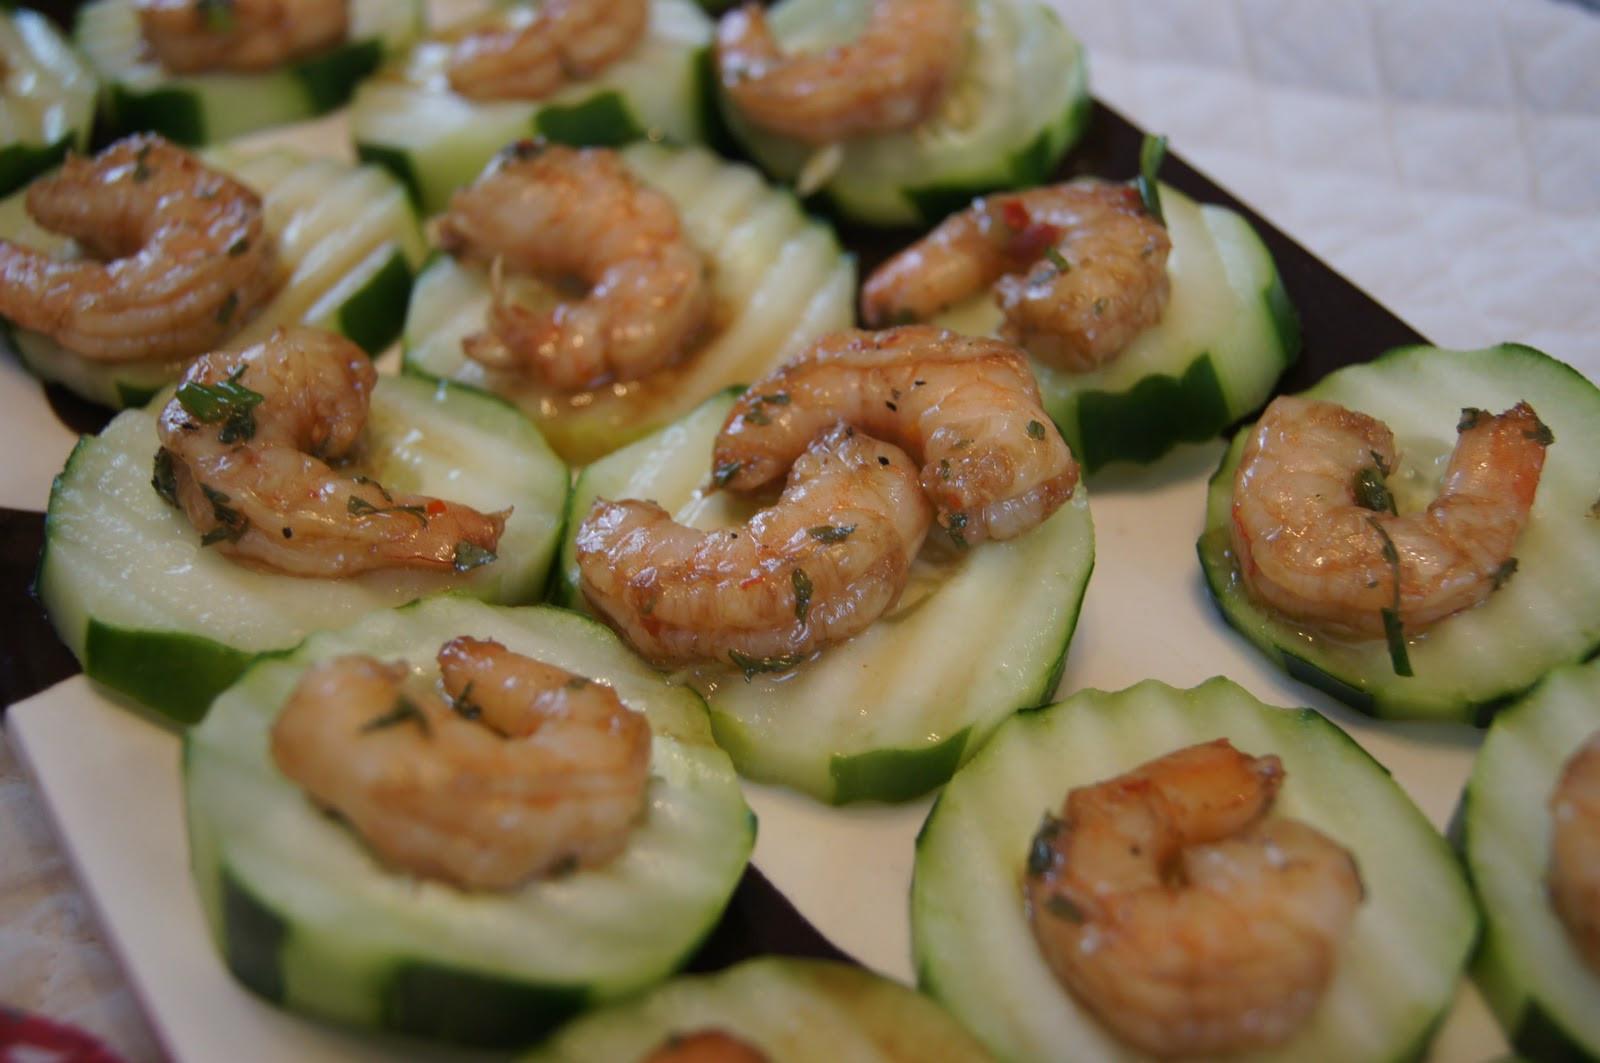 Cold Marinated Shrimp Appetizer  Hem and Her Marinated Shrimp Appetizer